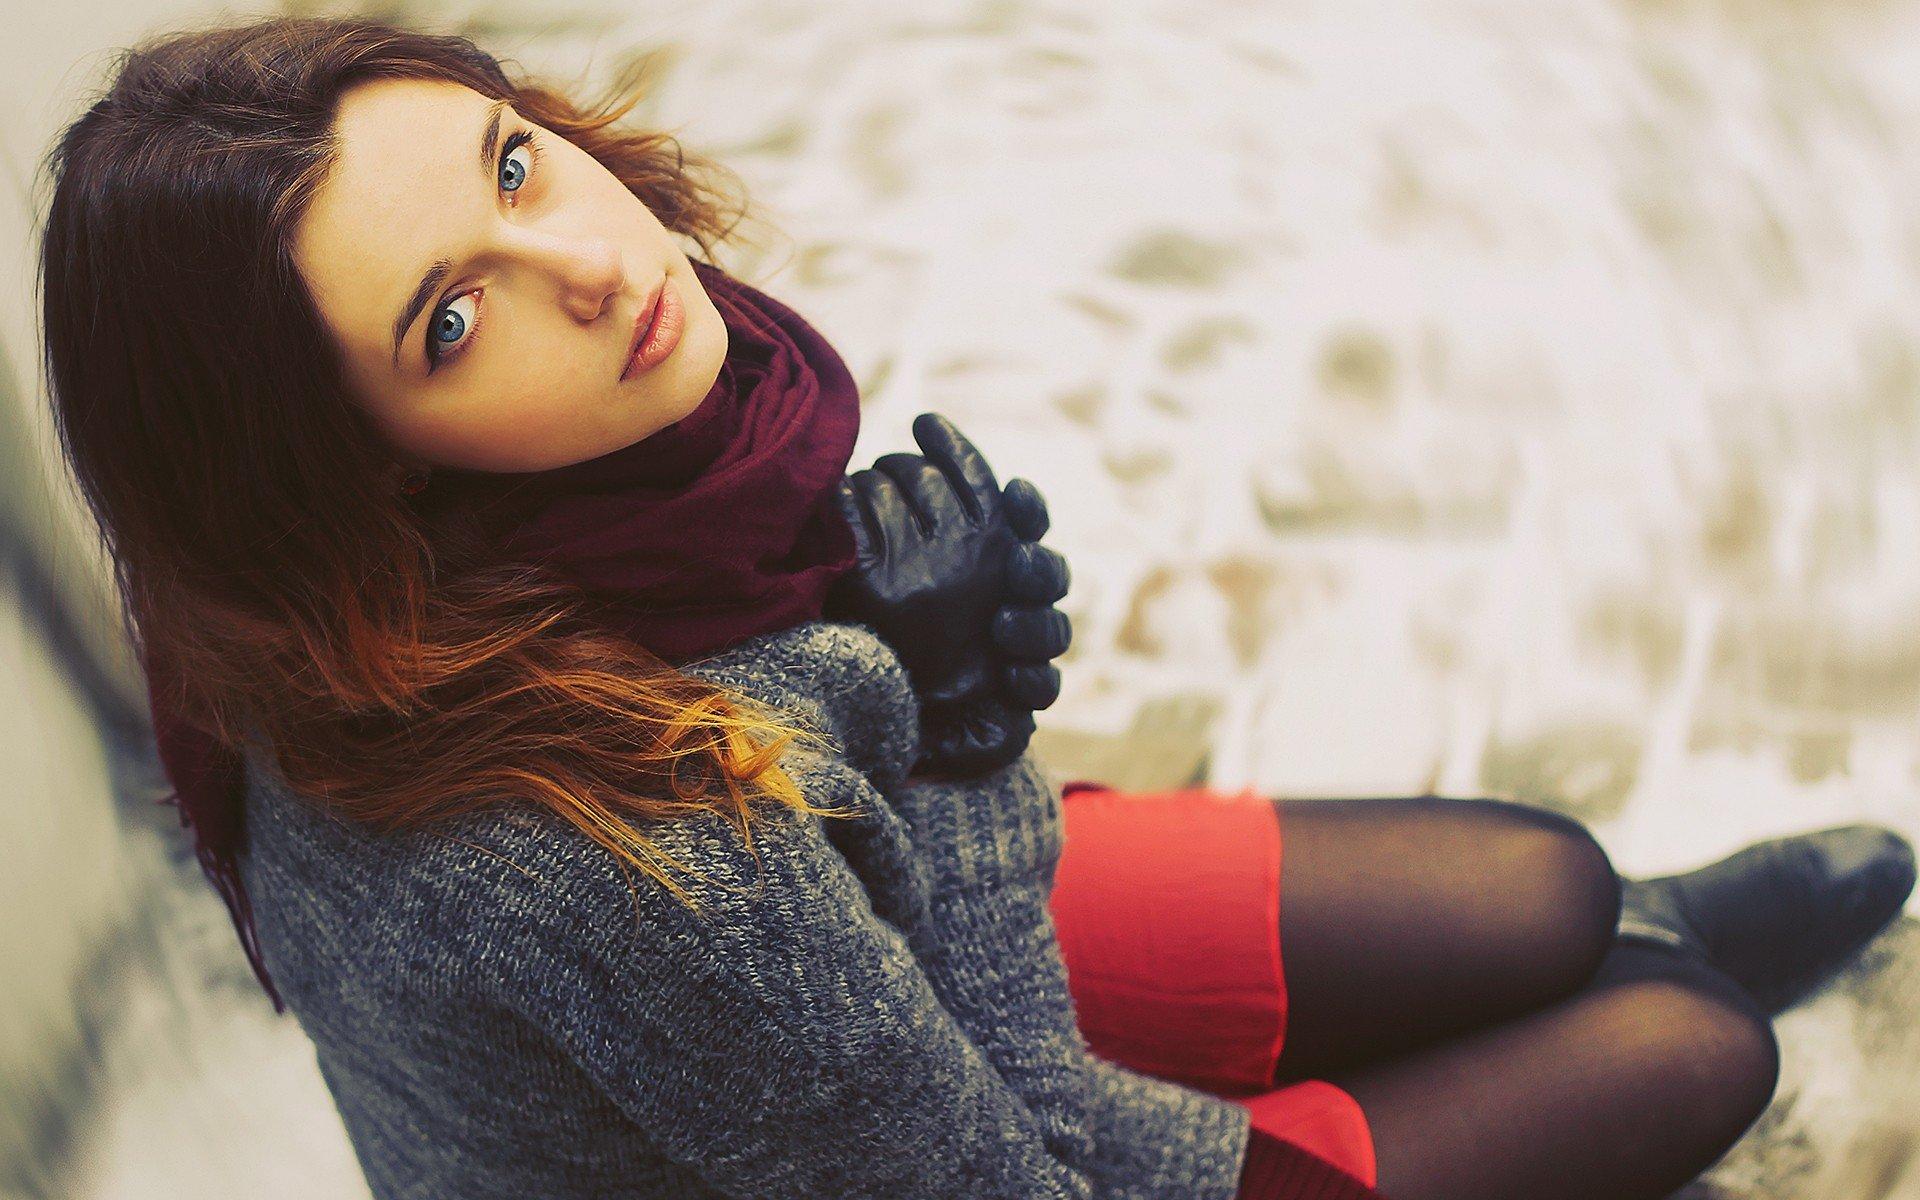 Πώς να προστατεύουμε τα μάτια μας όταν κάνει κρύο